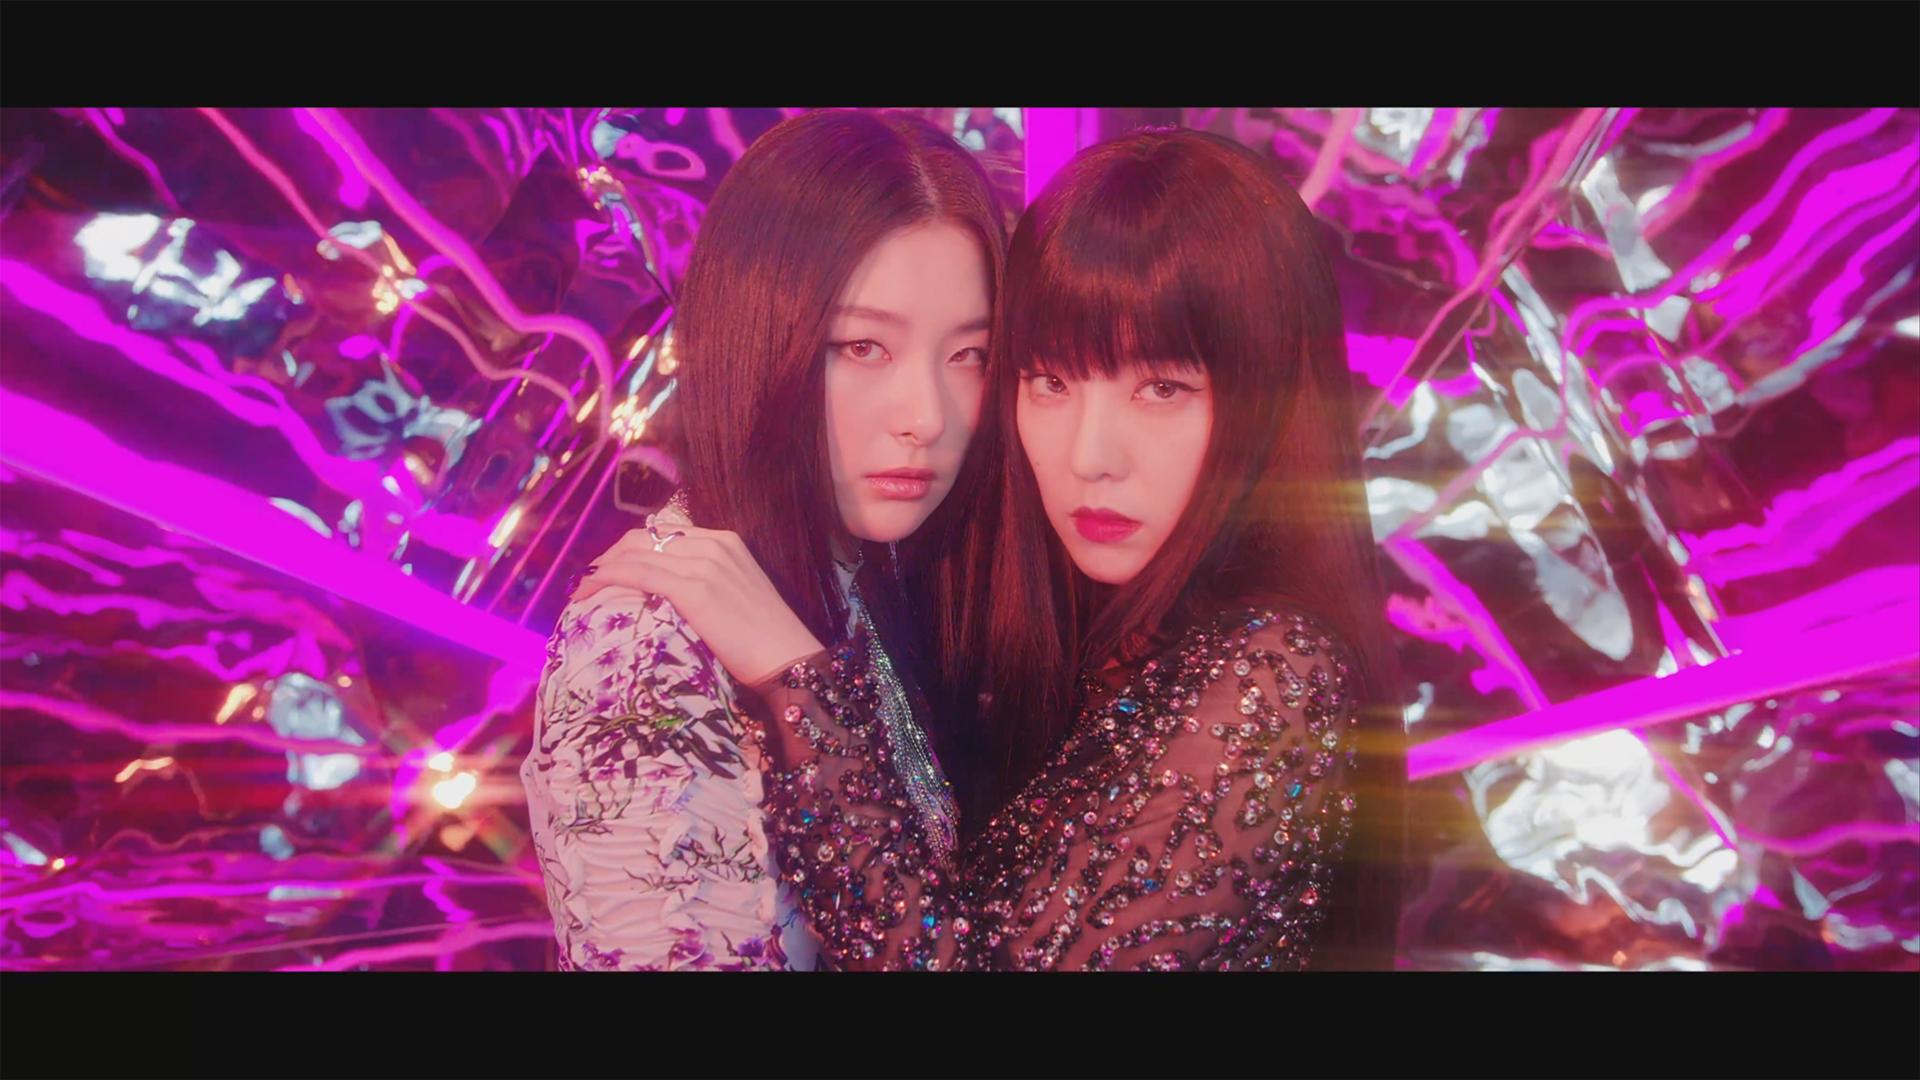 Red Velvet - IRENE & SEULGI 'Monster' MV